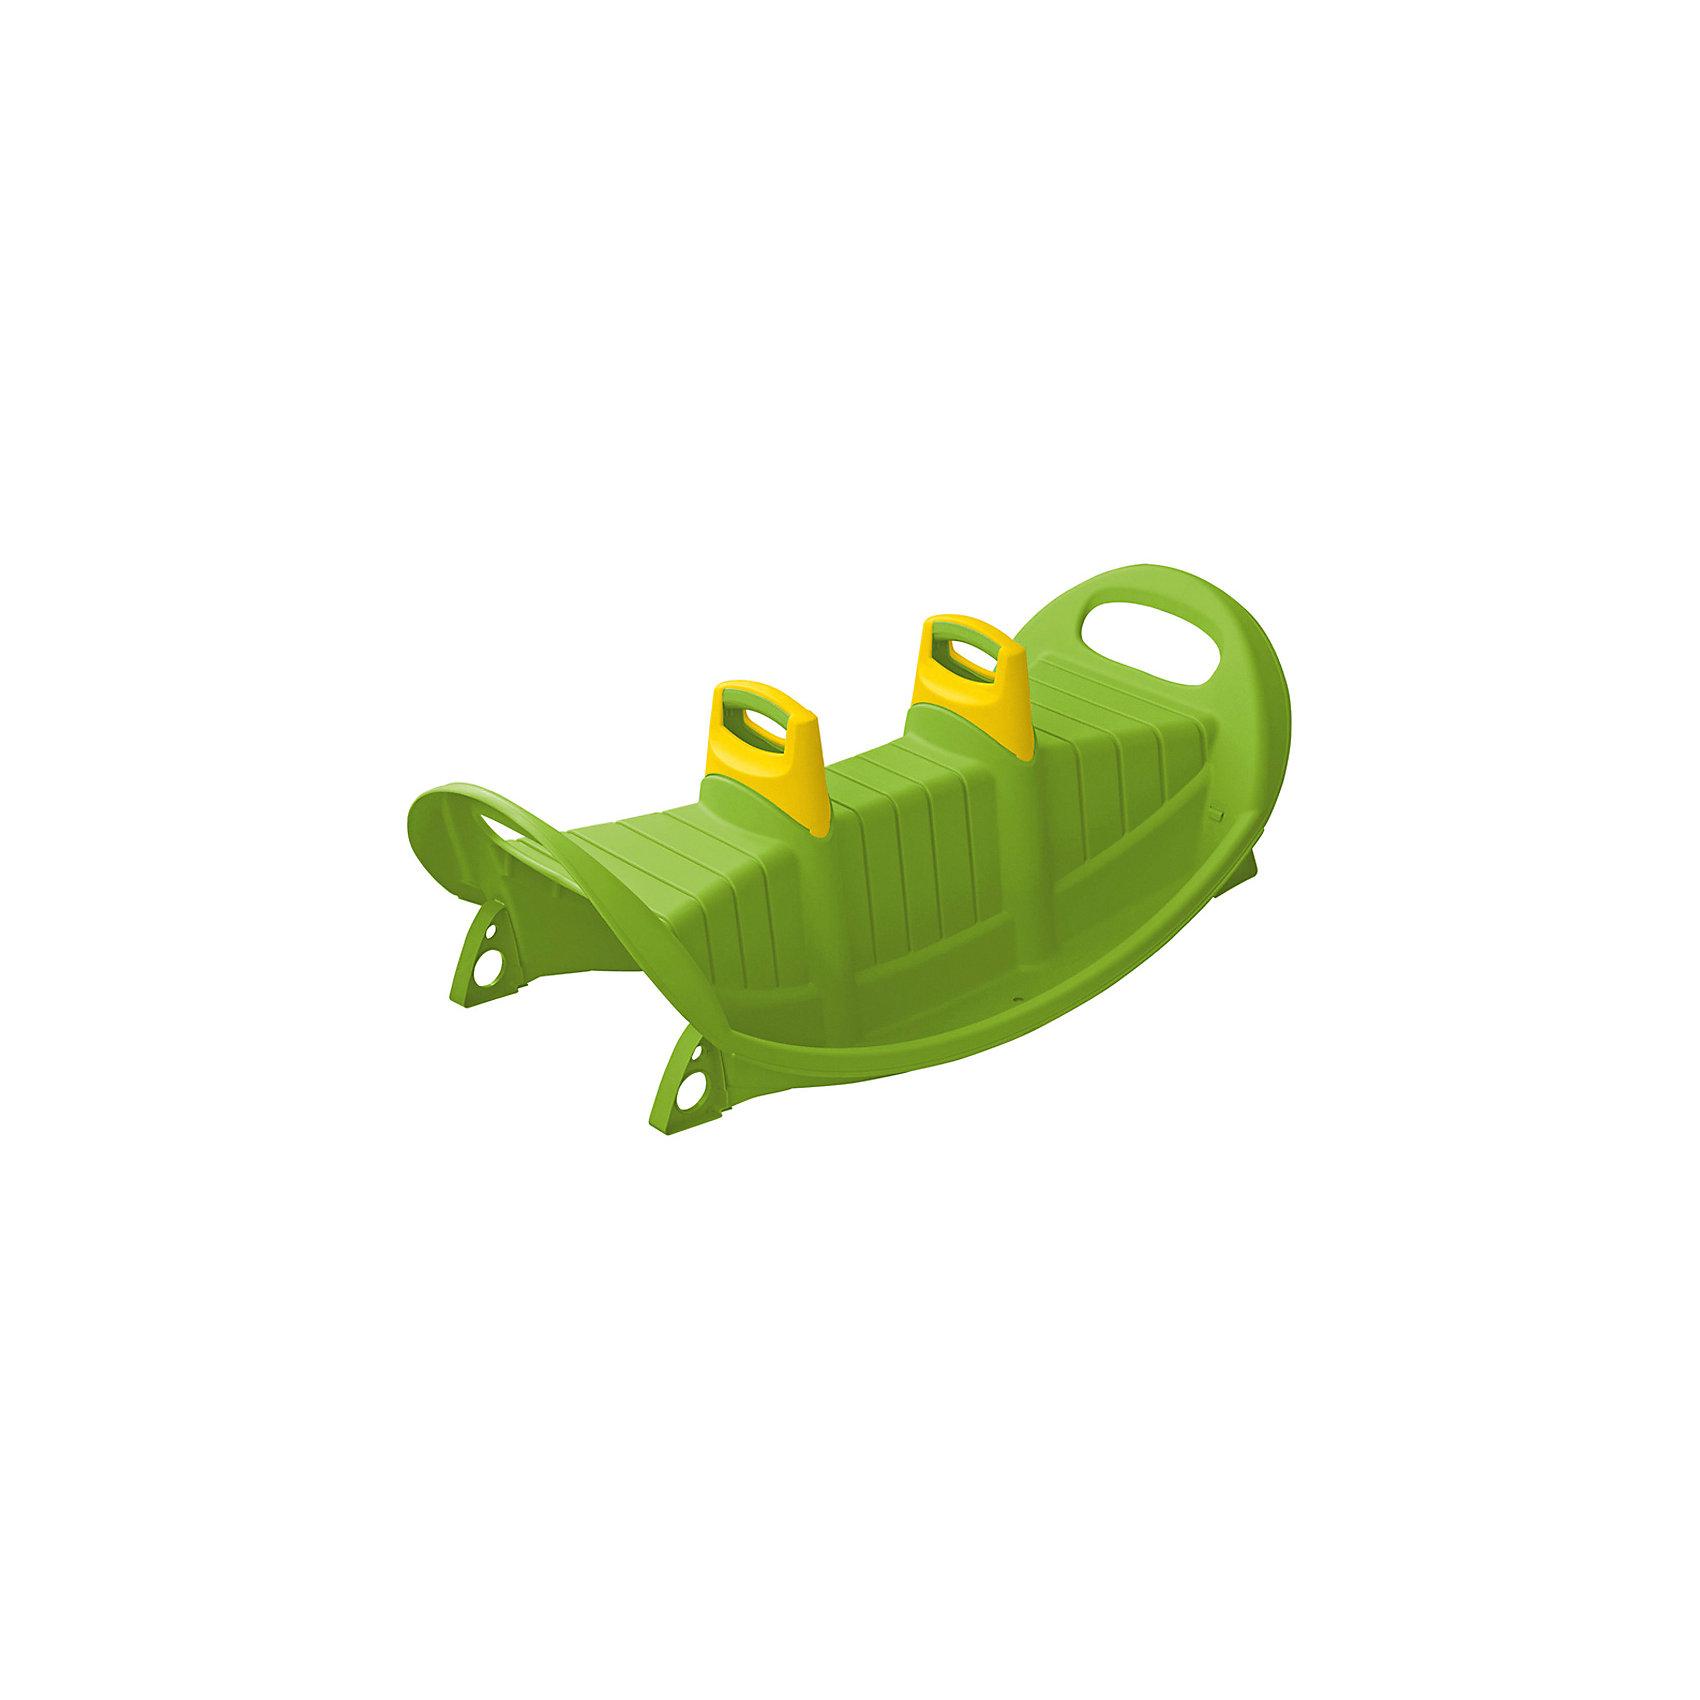 Качели Трио, зеленые, MarianplastКачели и качалки<br>Marian Plast качели-качалка «Трио»- идеальны для дачного отдыха всей семьей — ведь на них смогут качаться сразу трое малышей! Теперь никому не придется ждать в сторонке своей очереди покачаться.<br><br>Удобные поручни и хорошая амплитуда сделают пластиковые качели-качалку Marian Plast любимой игрушкой во дворе или на дачном участке.<br><br>Качалка сделана из прочного нетоксичного пластика с соблюдением европейского стандарта качества и безопасности для детских товаров.<br><br>Дополнительная информация:<br><br>- Материал: пластик <br>- Габариты: 116x57x44,5 см <br>- Вес: 3.4 кг.<br><br>Эта замечательная качалка обязательно полюбится вашим детям!<br><br>Качели Трио, Marianplast можно купить в нашем магазине.<br><br>Ширина мм: 1160<br>Глубина мм: 570<br>Высота мм: 445<br>Вес г: 3270<br>Возраст от месяцев: 18<br>Возраст до месяцев: 96<br>Пол: Унисекс<br>Возраст: Детский<br>SKU: 5622520